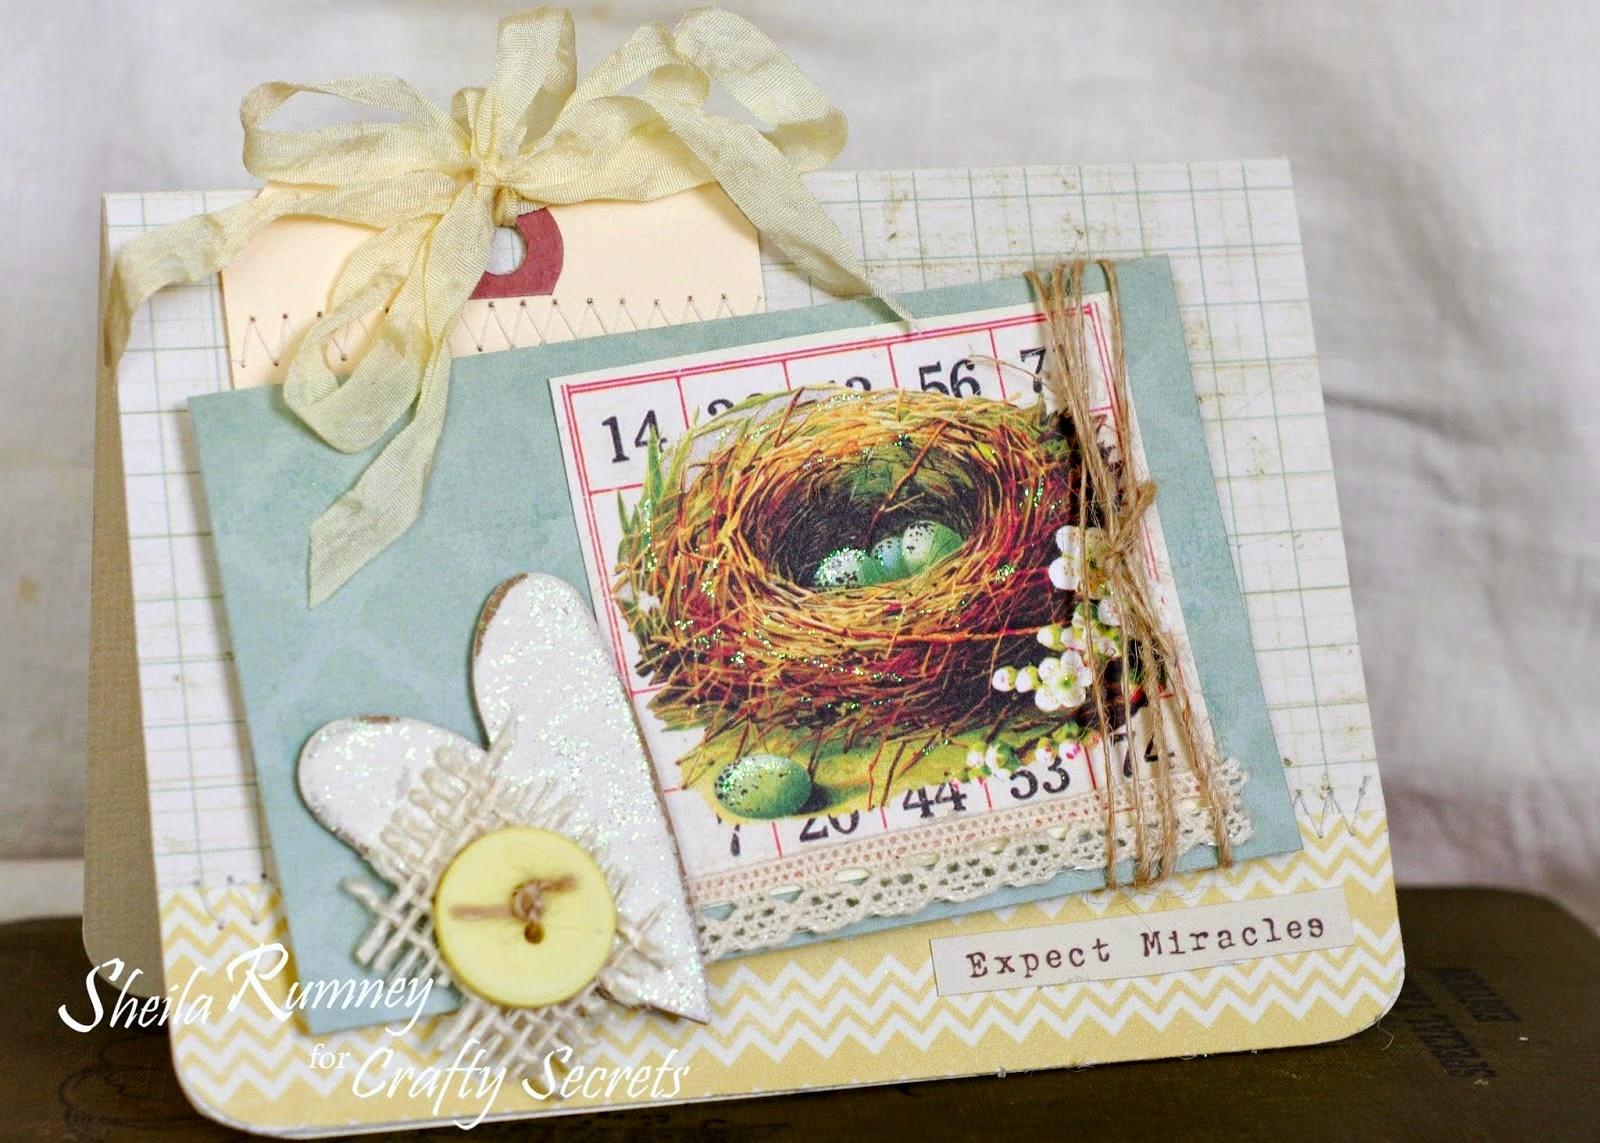 http://2.bp.blogspot.com/-yXoGFJM1pkg/VGXwfsqsnFI/AAAAAAAASSQ/BhkAefIsRcs/s1600/1-nest-card-sheila-rumney.jpg